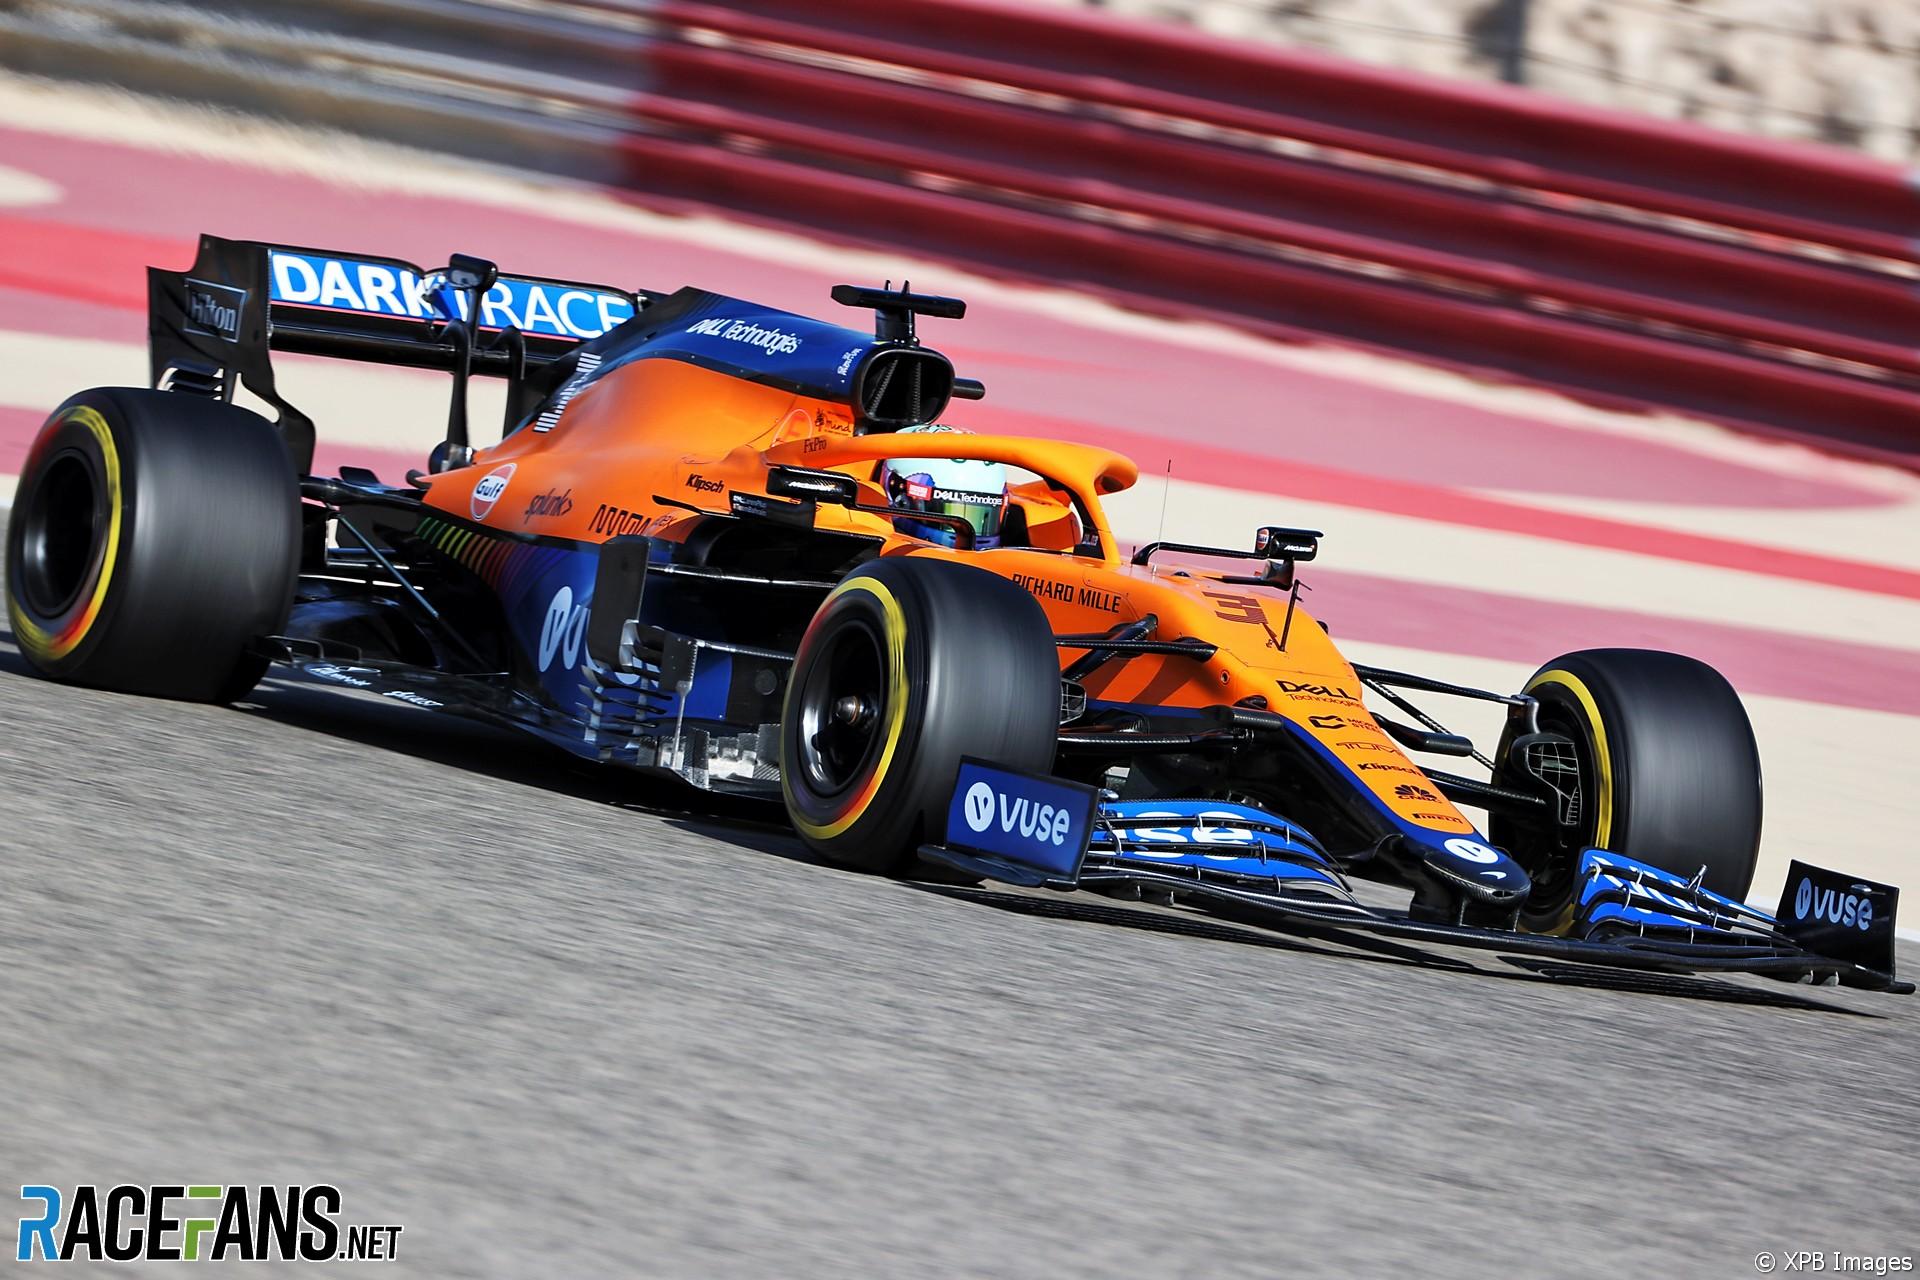 Daniel Ricciardo, McLaren, Circuito Internacional de Baréin, 2021